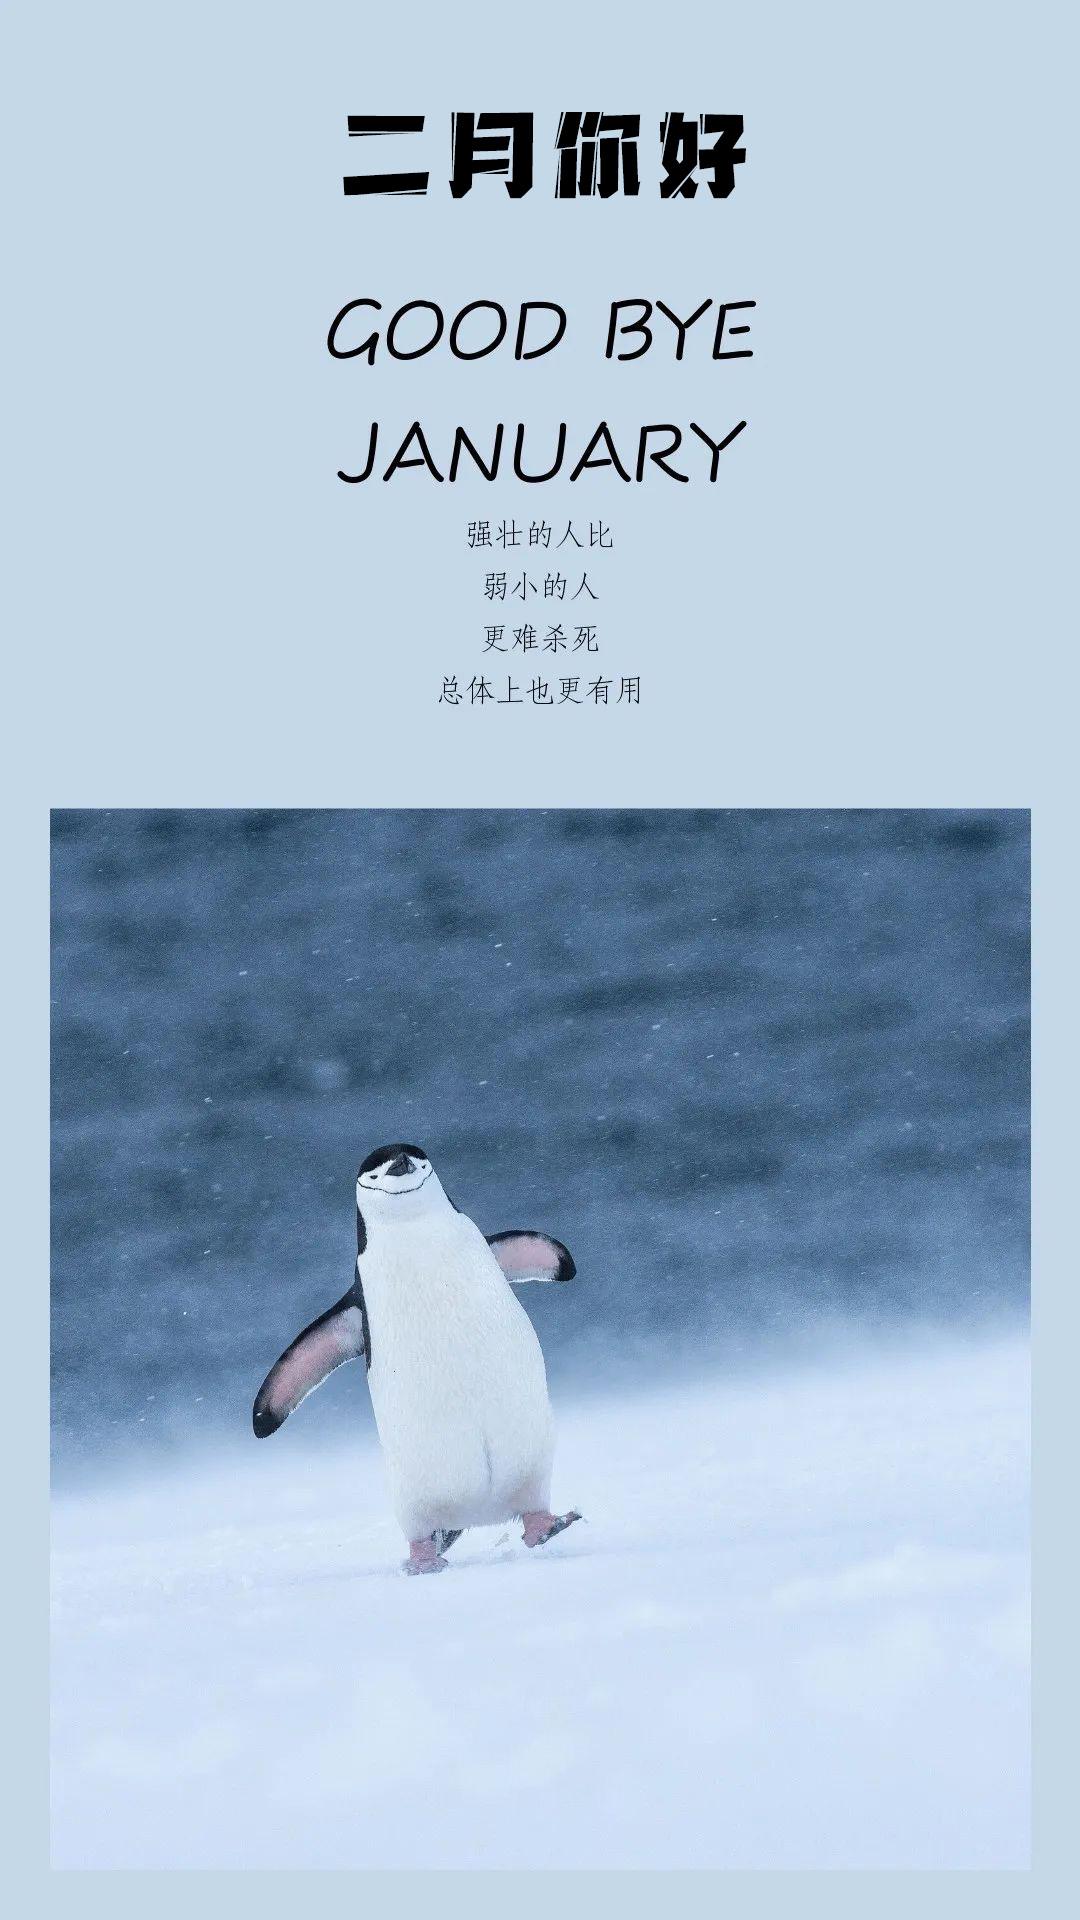 二月你好配图海报图片大全,2月简单文字图片,正能量朋友圈文案